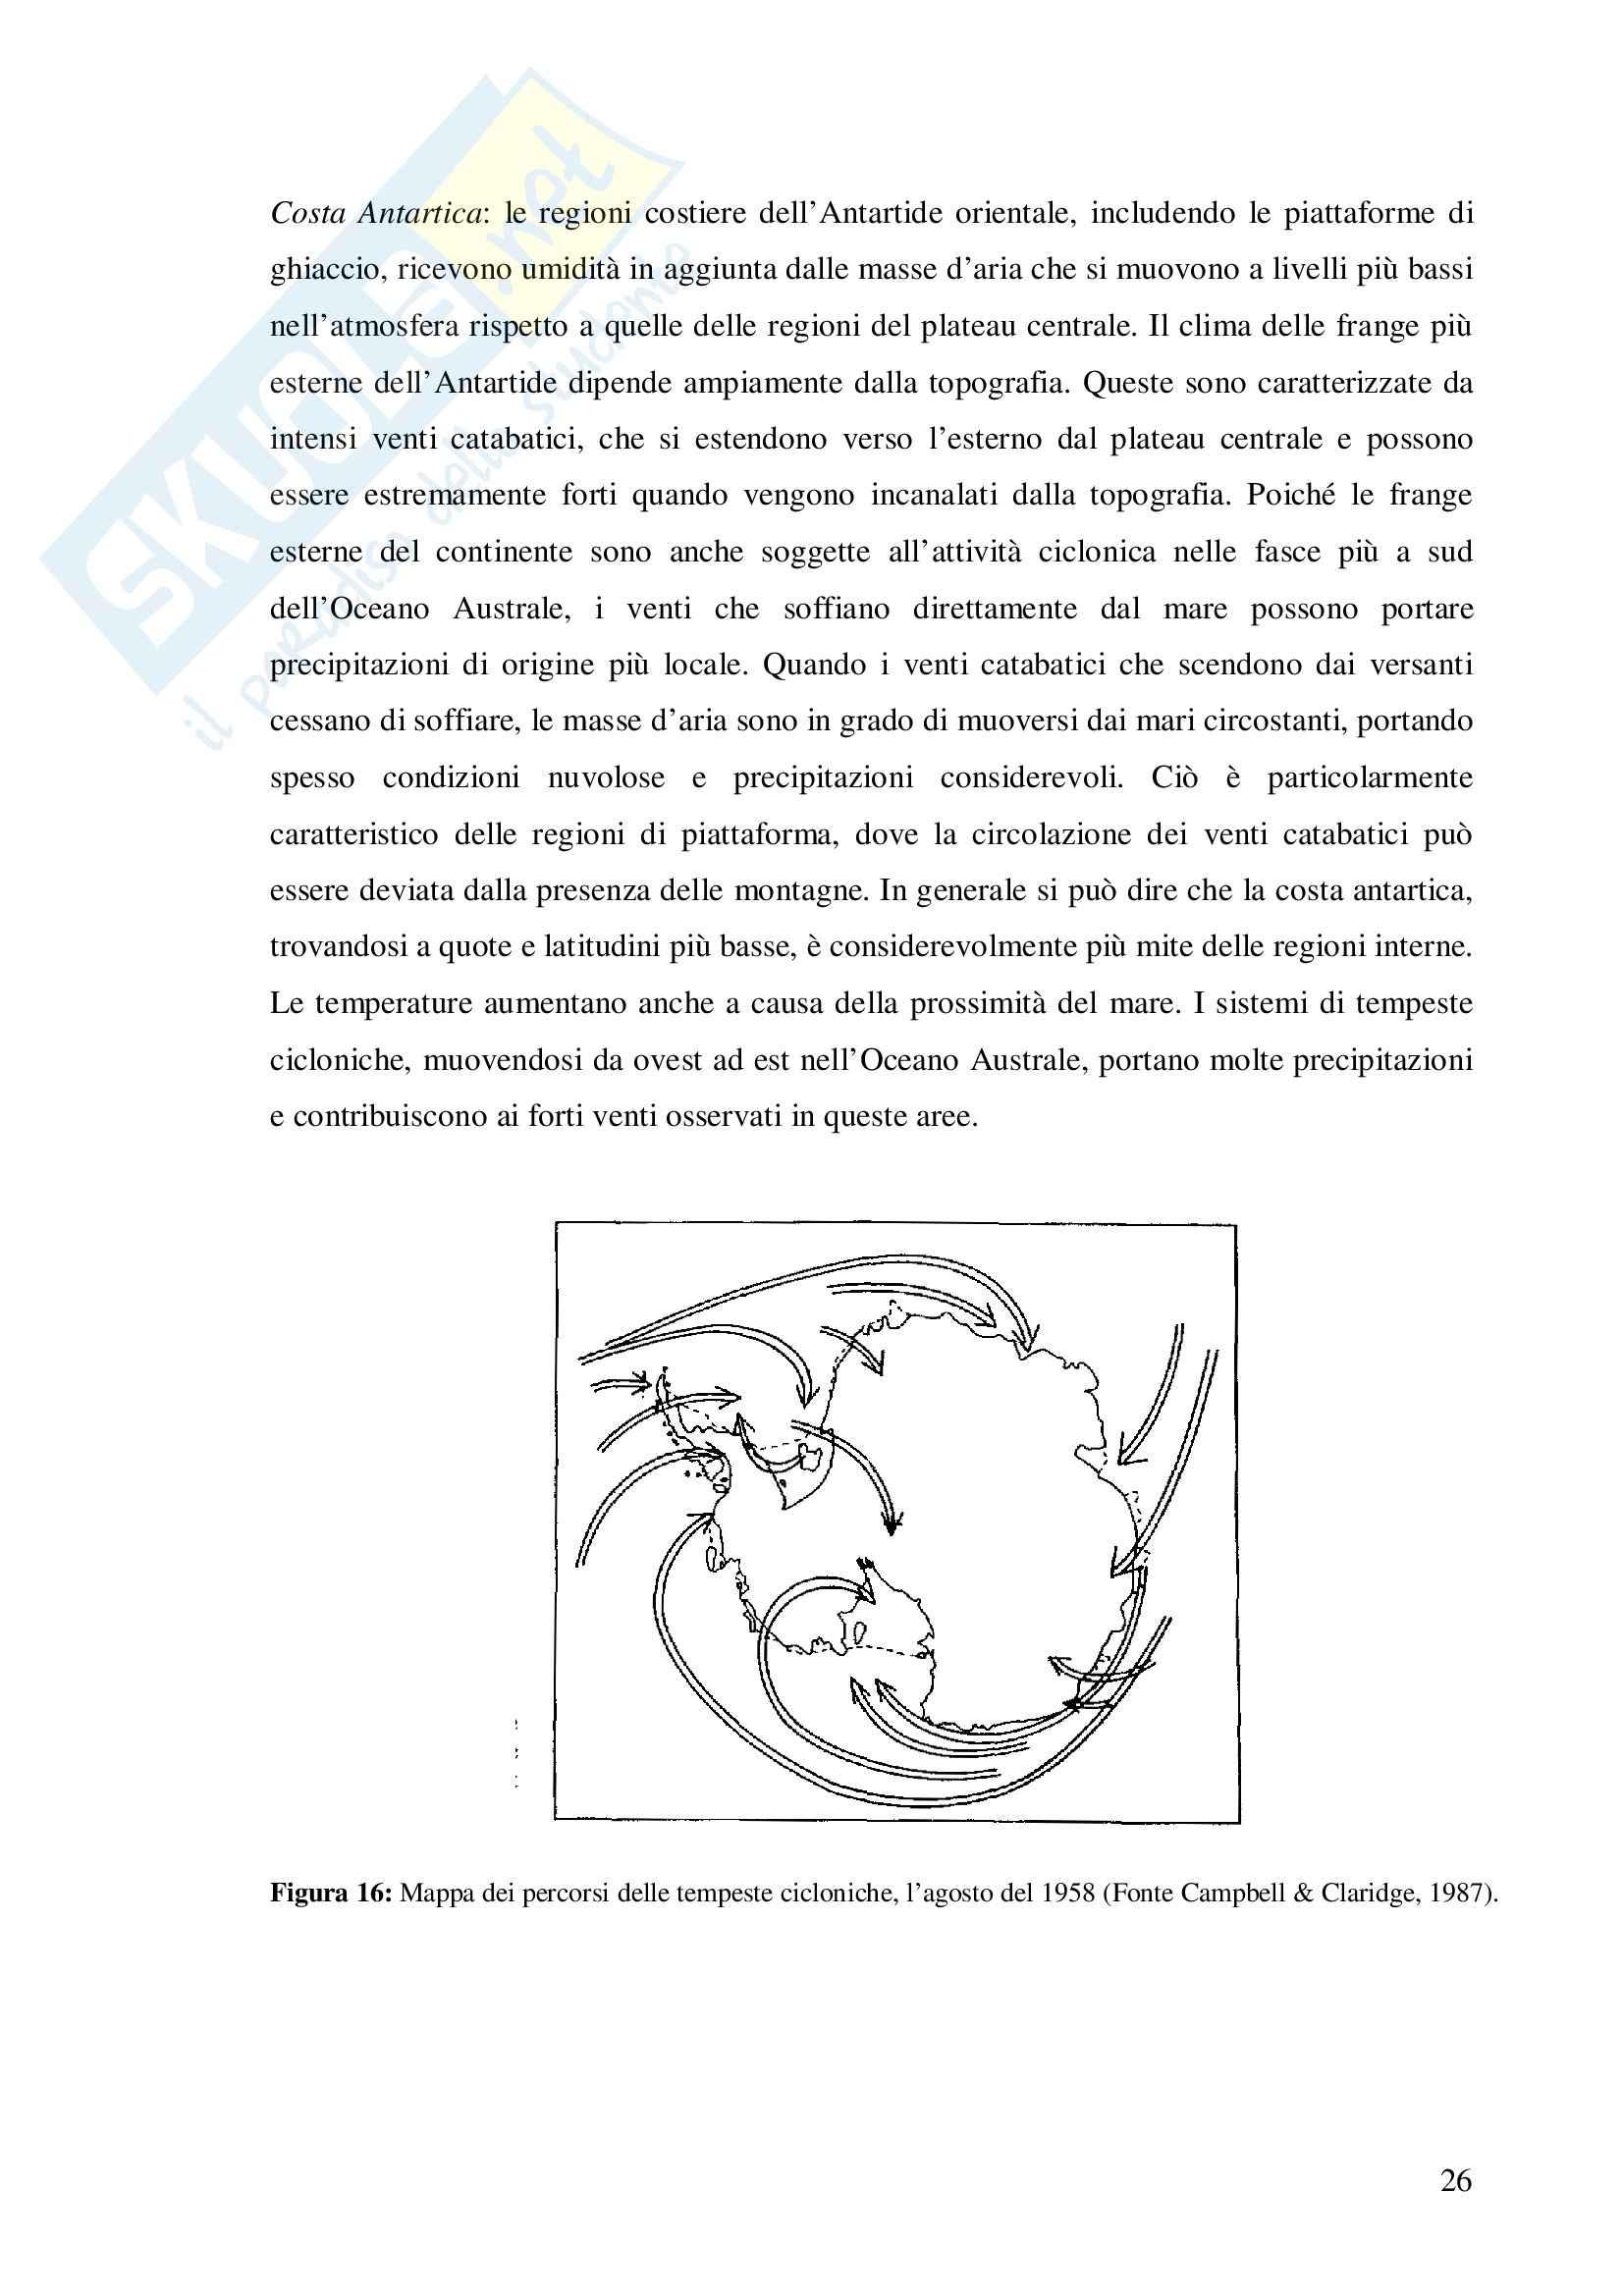 Tesi -  Antartide - Regime termico dei cunei di ghiaccio nella Terra Vittoria Settentrionale Pag. 26